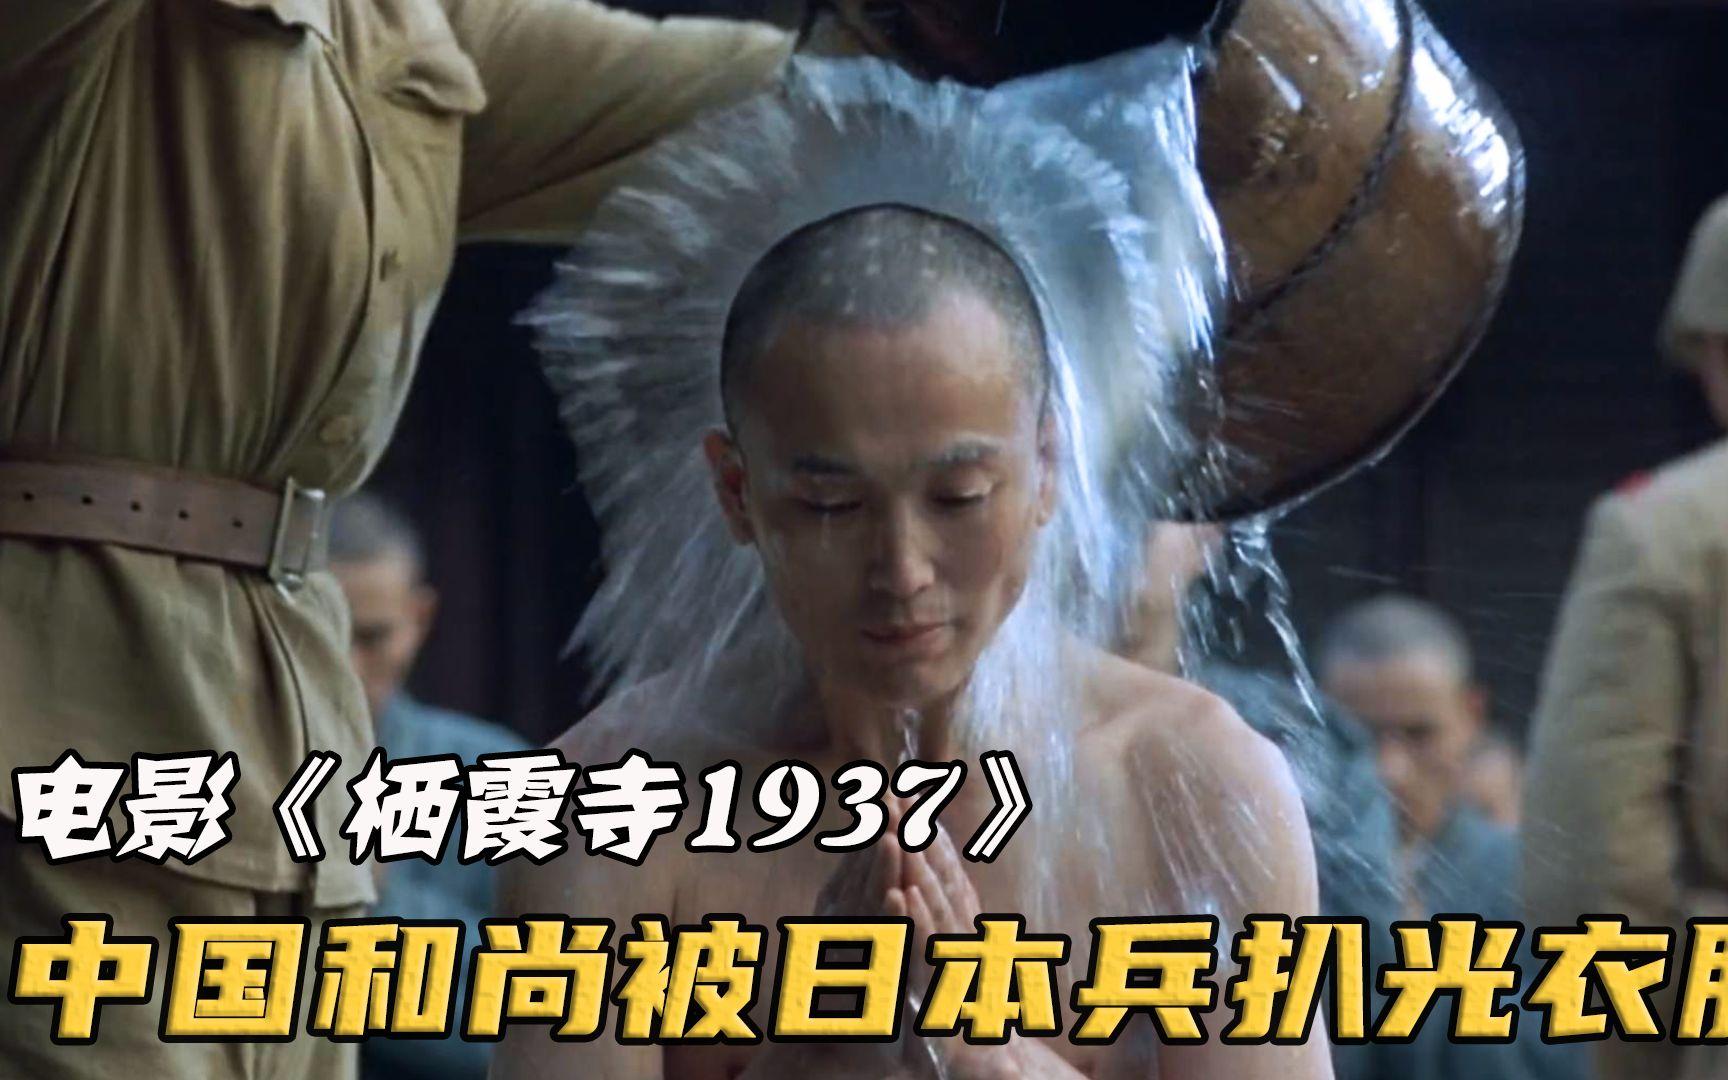 零下10℃,中国和尚被日军扒光衣服,用冰水折磨!电影《栖霞寺》